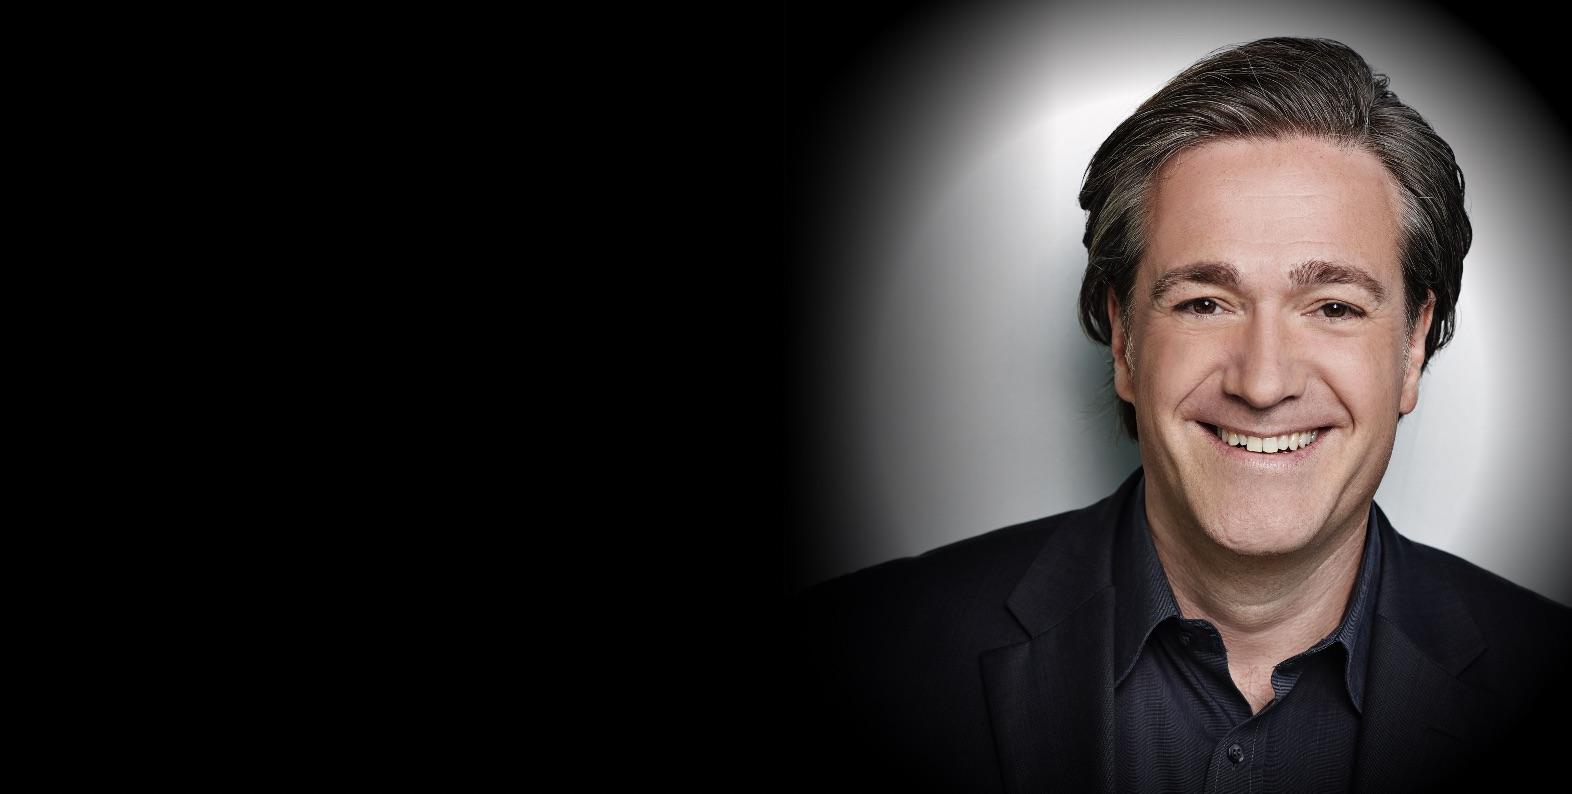 Wolfgang Büchner ist neuer Senior Advisor bei MSL